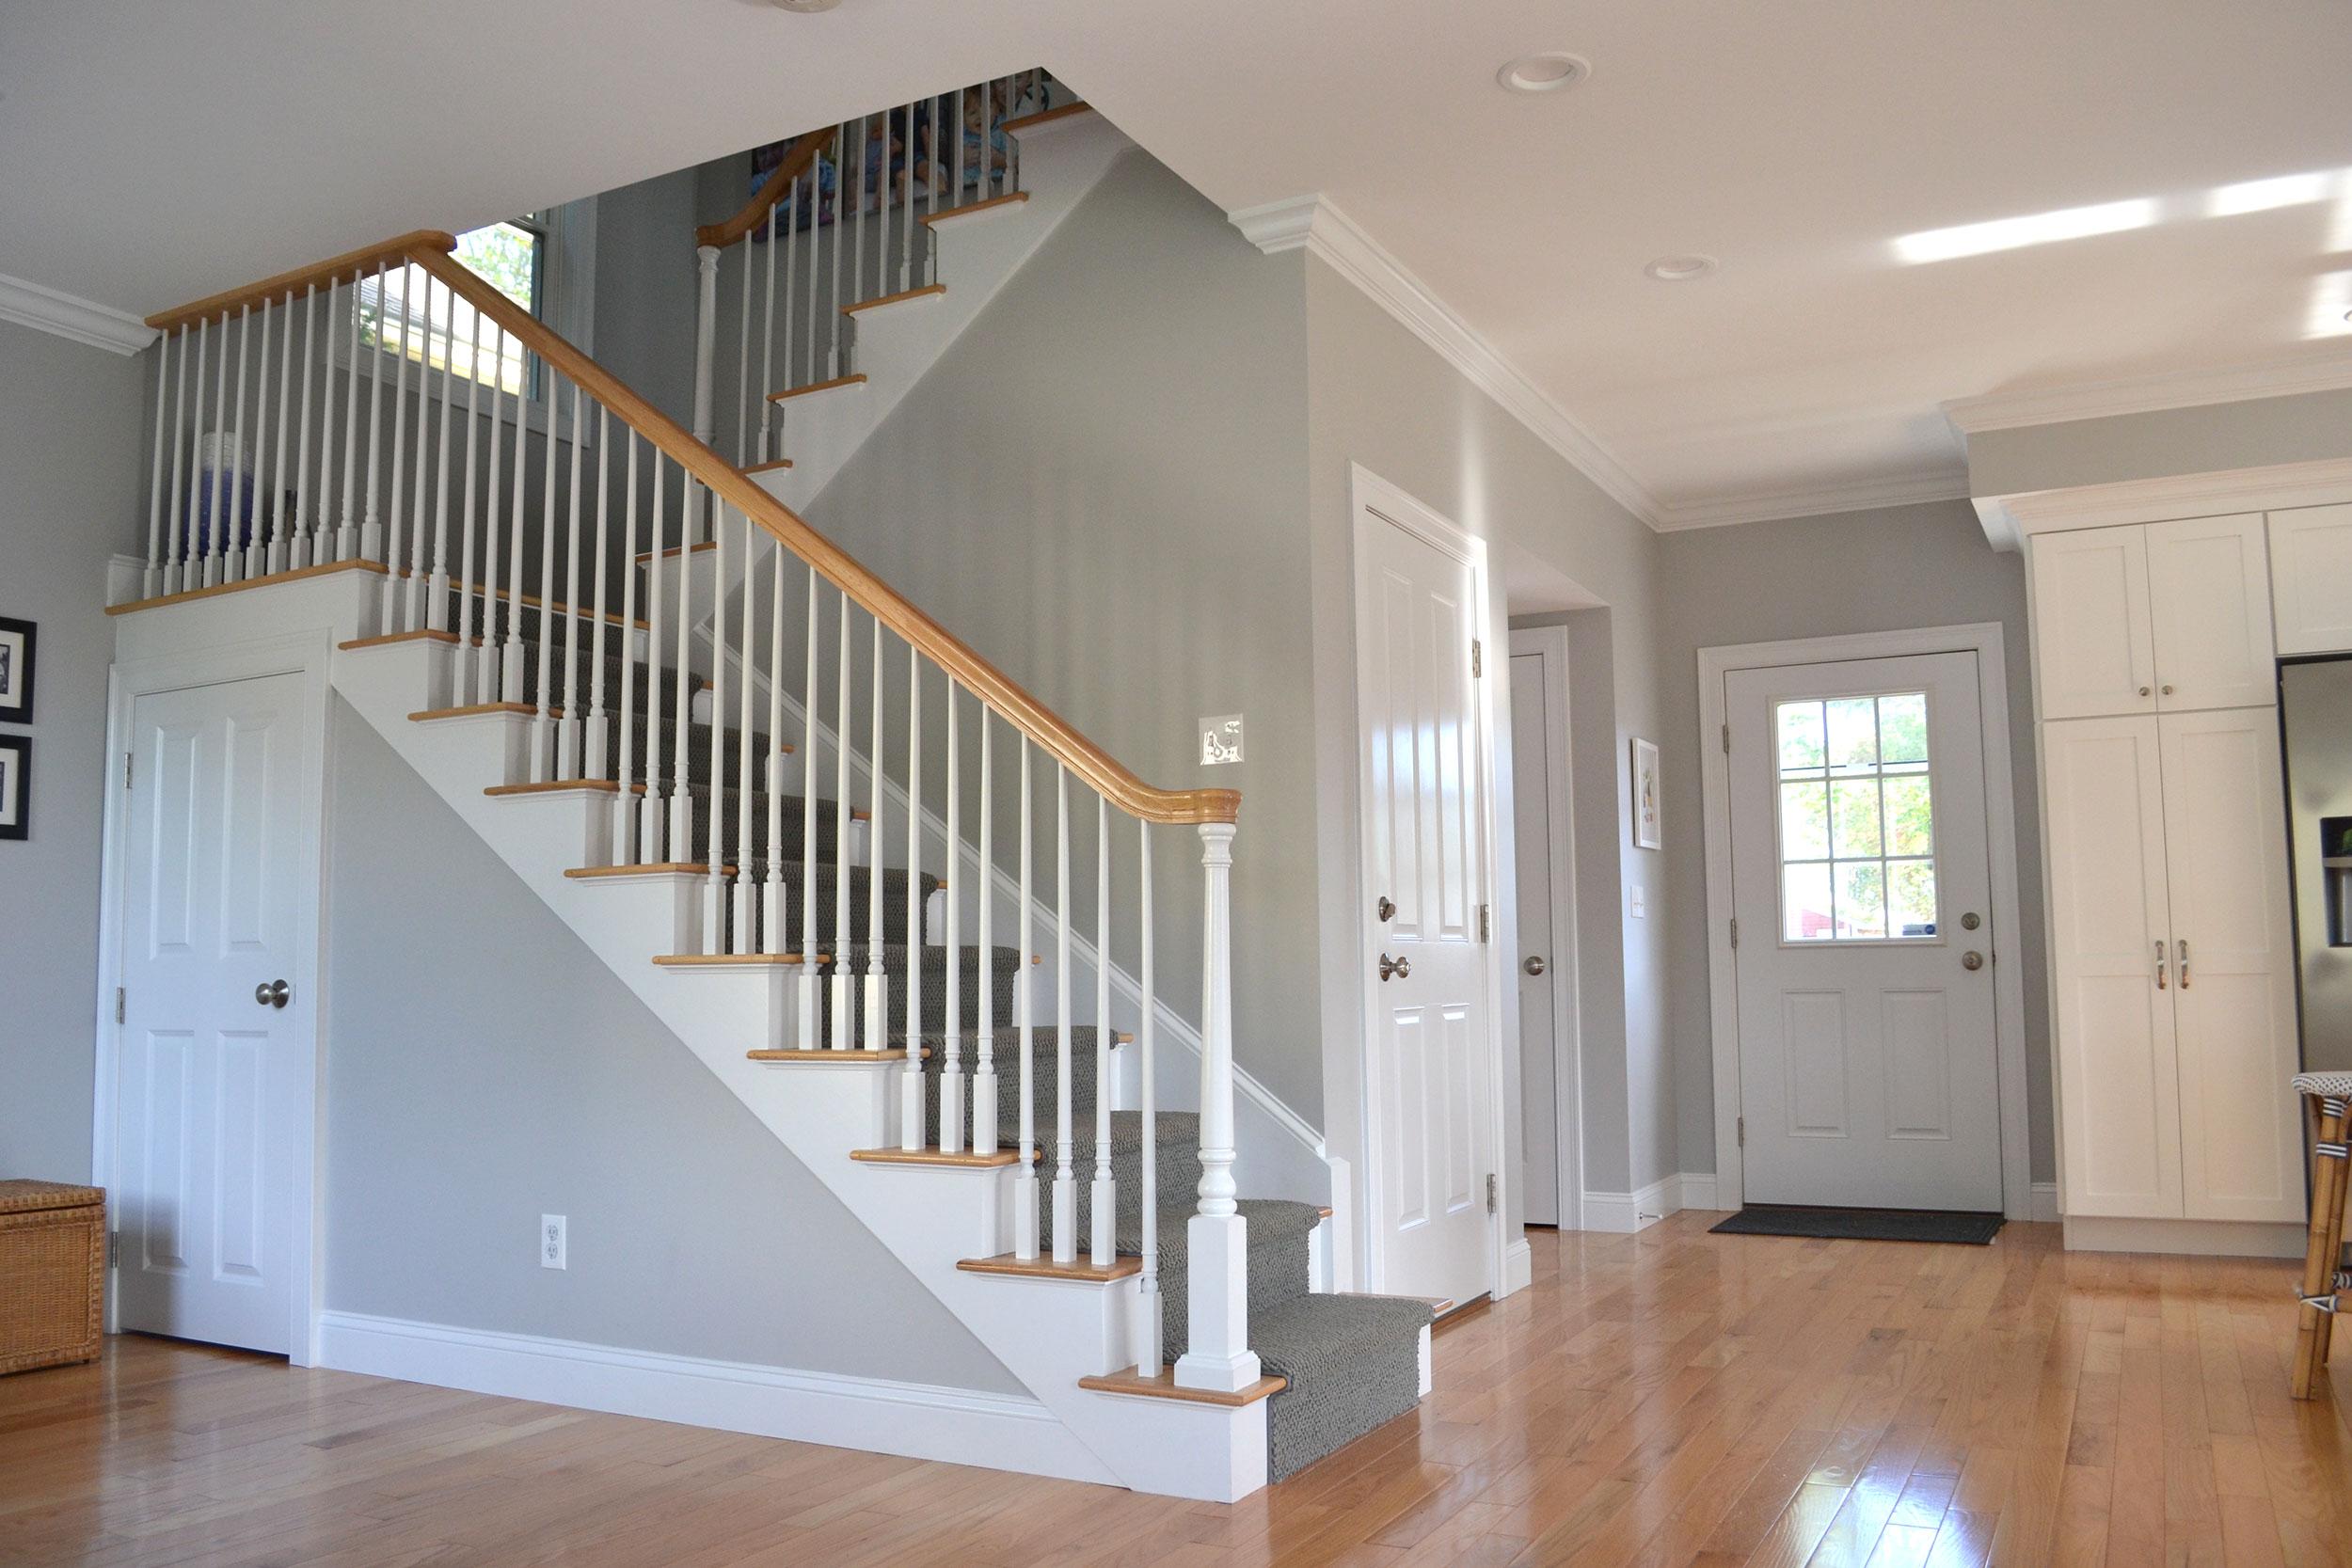 15-stair-detail.jpg